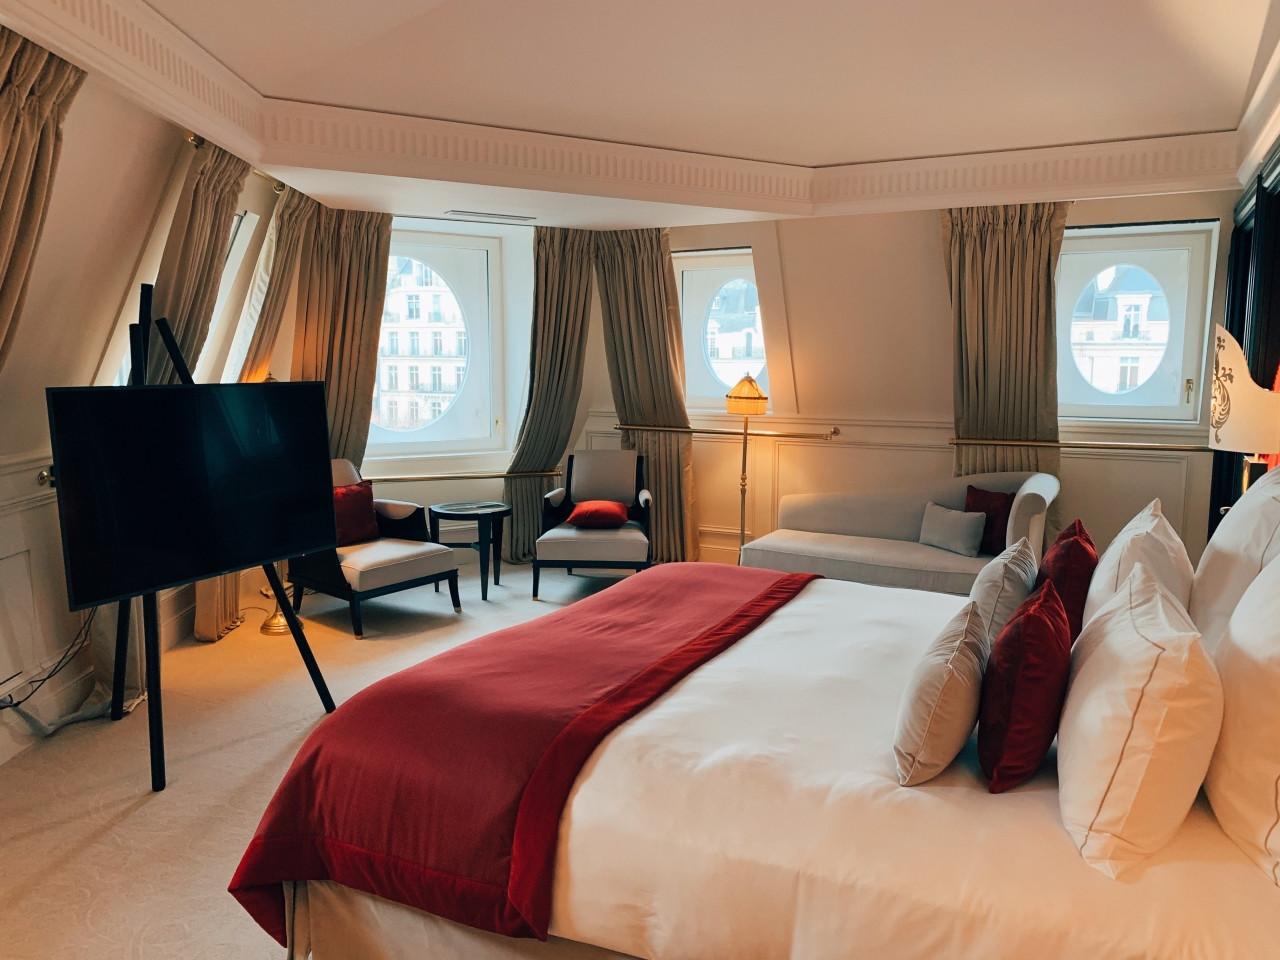 Hotel consigliati a Parigi